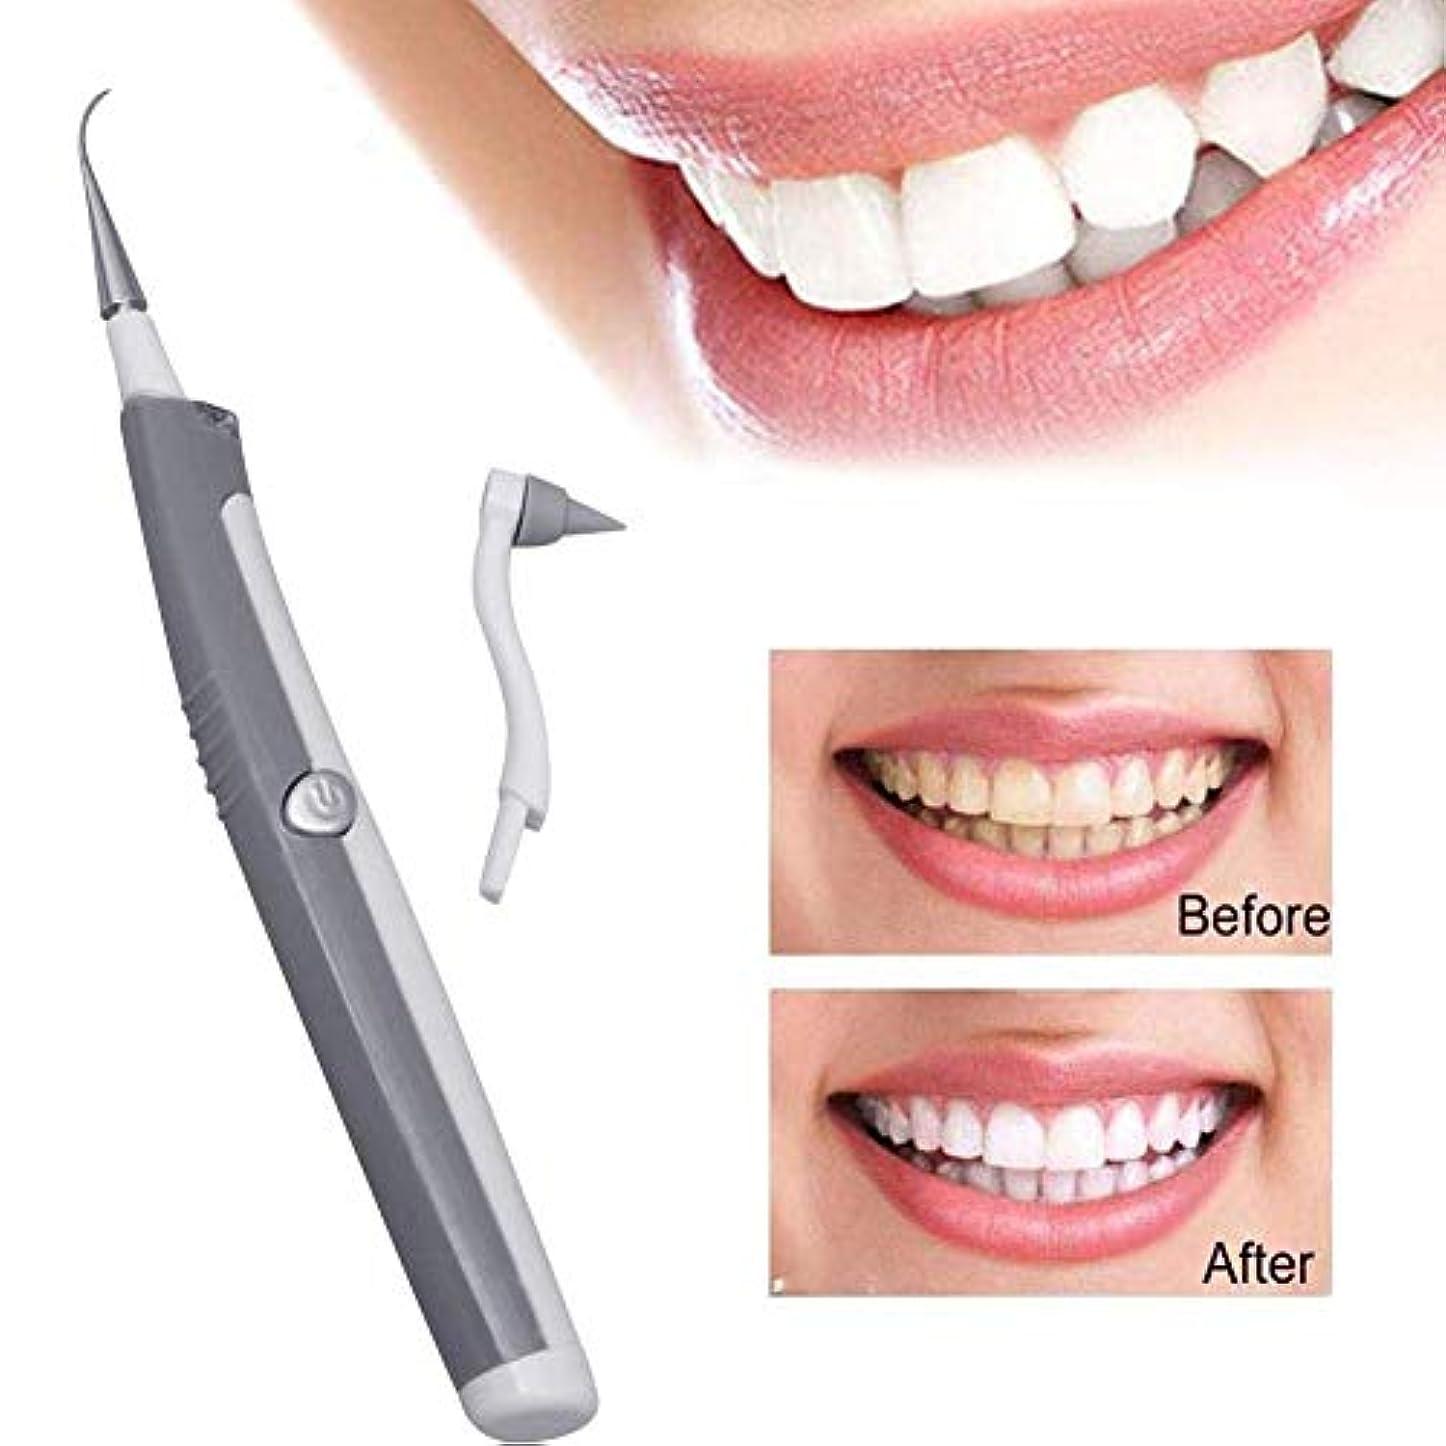 パケットラウンジ提案LEDライト付きツールを白くする家庭用携帯用歯磨き粉電動歯の汚れ消しゴム振動歯